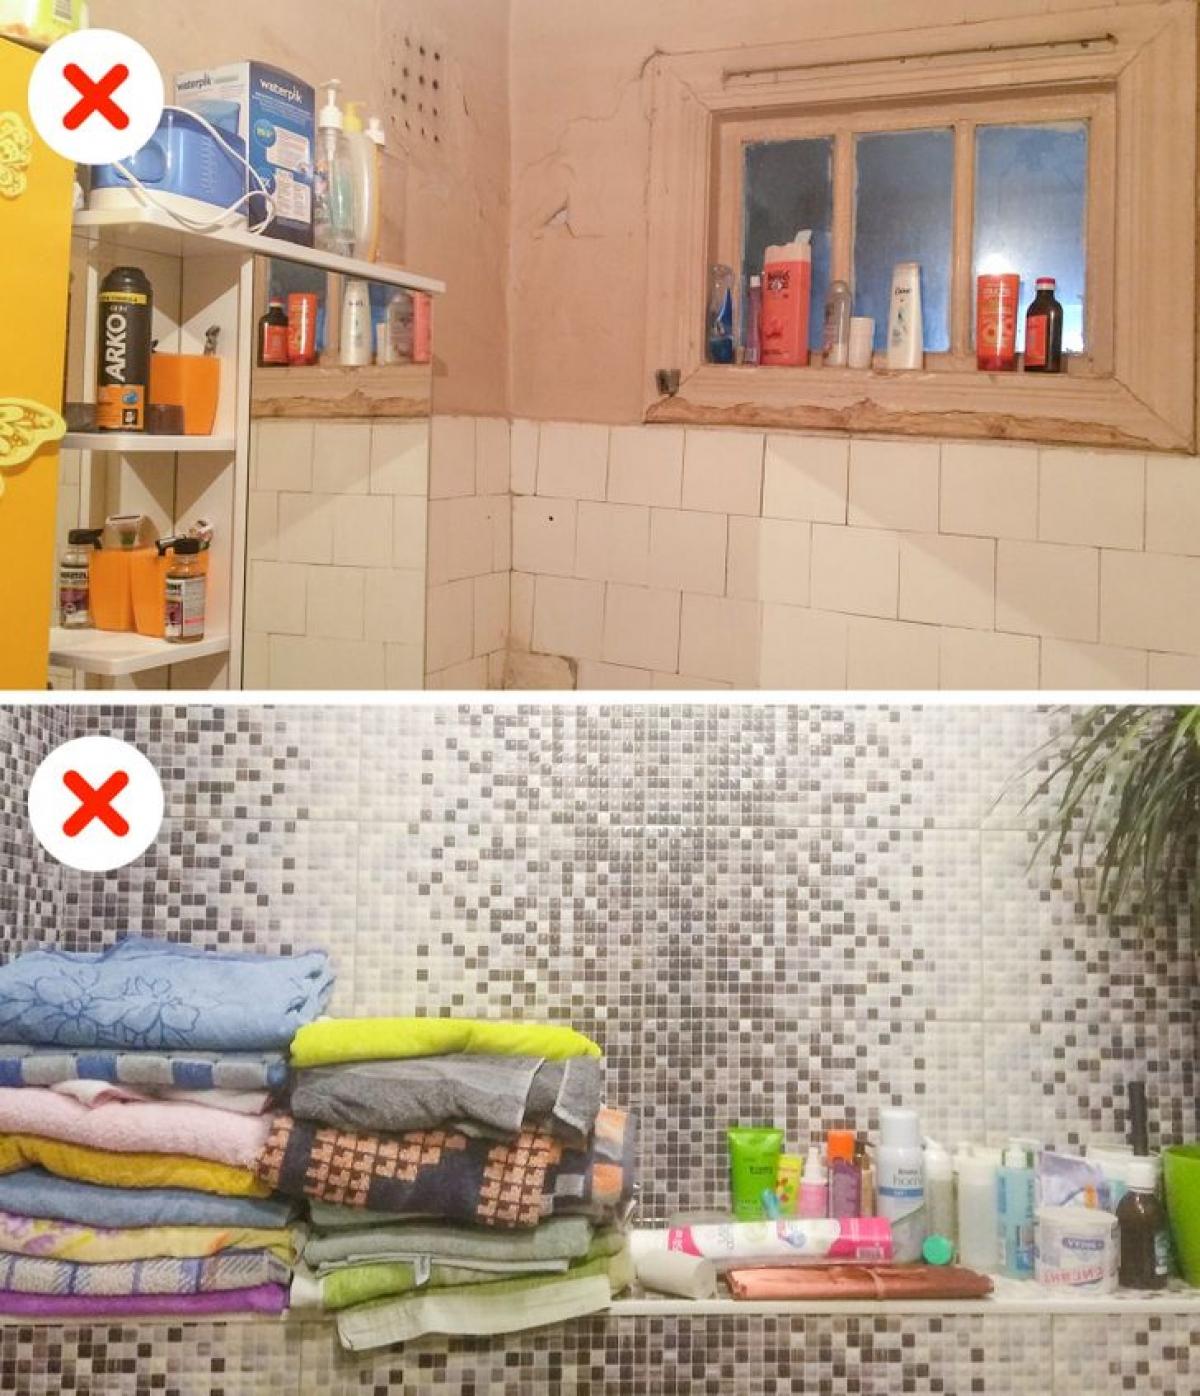 Không gian phòng tắm thường khá nhỏ hẹp, không thích hợp để bày ra quá nhiều đồ đạc. Chỉ nên để những vật dùng thường sử dụng nhất, còn lại hãy cất gọn bên ngoài phòng tắm, hoặc giấu sau các tủ âm tường.